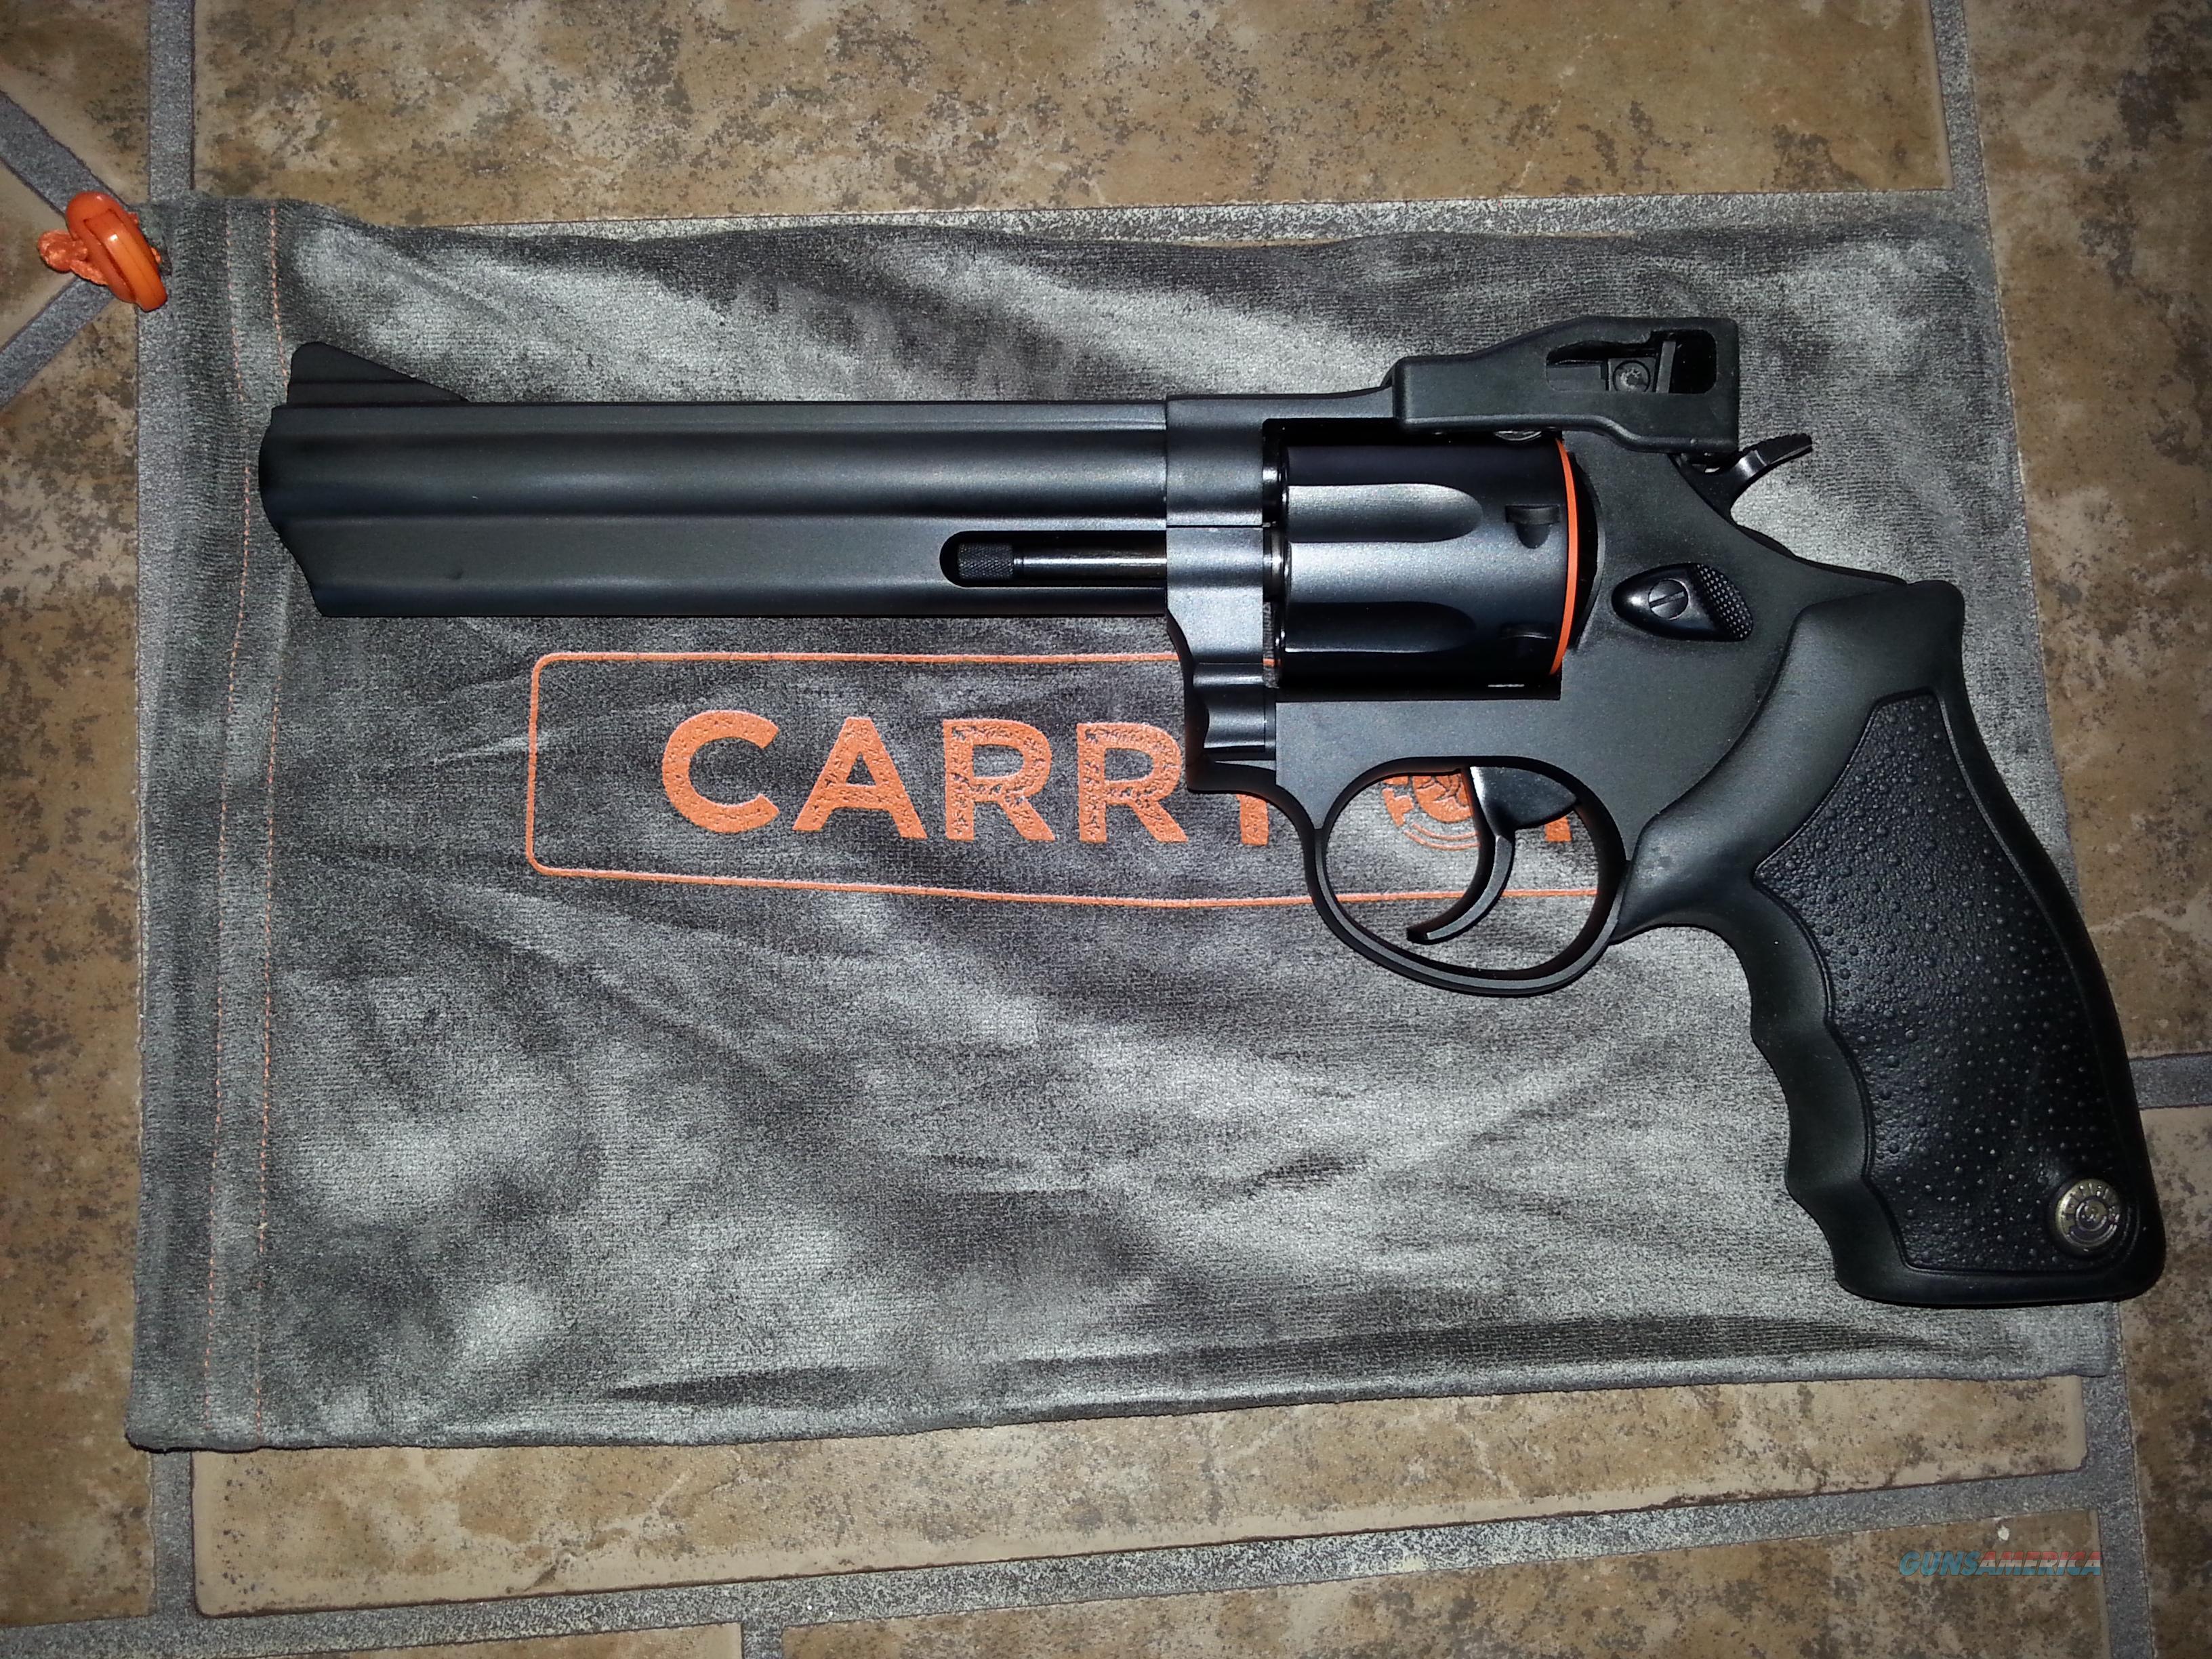 Taurus 357 magnum / 38 special revolver